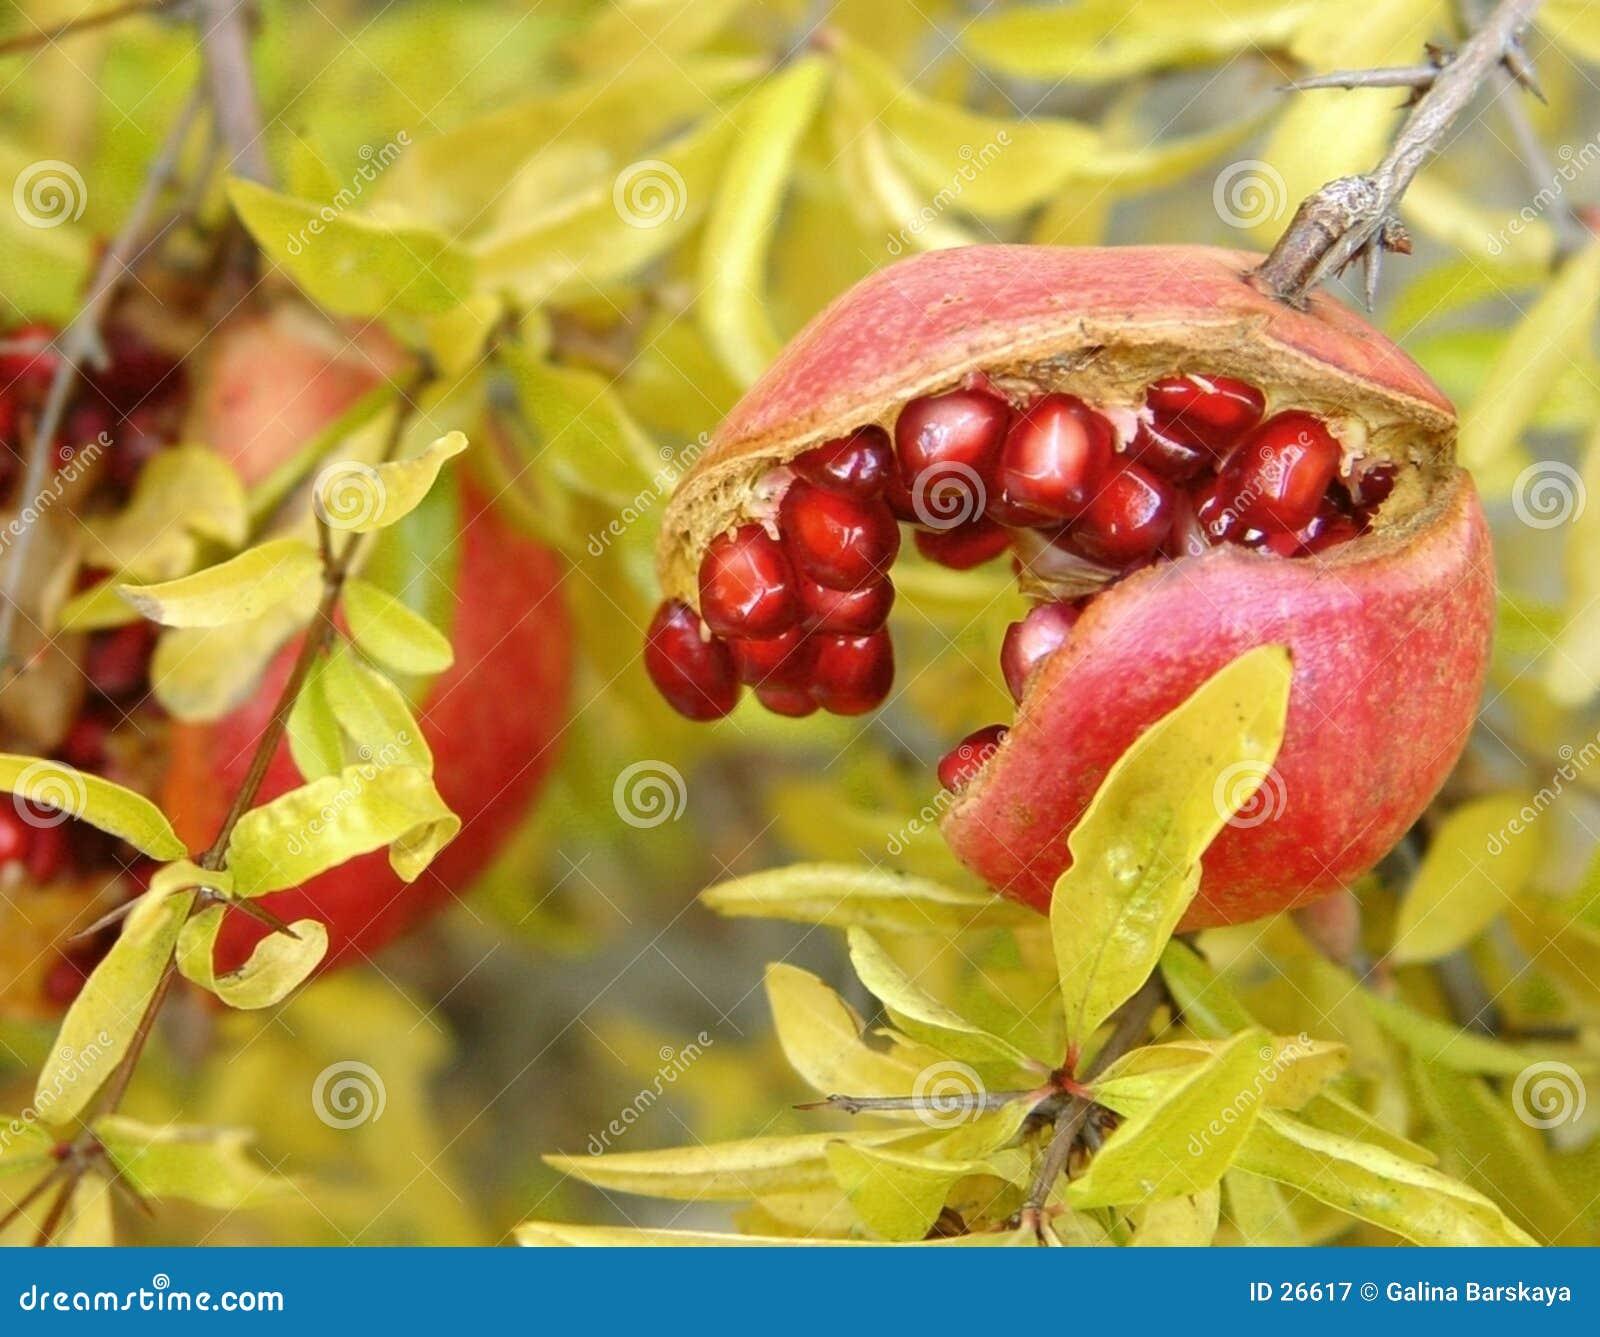 Download Granada imagen de archivo. Imagen de fruta, exótico, alimento - 26617